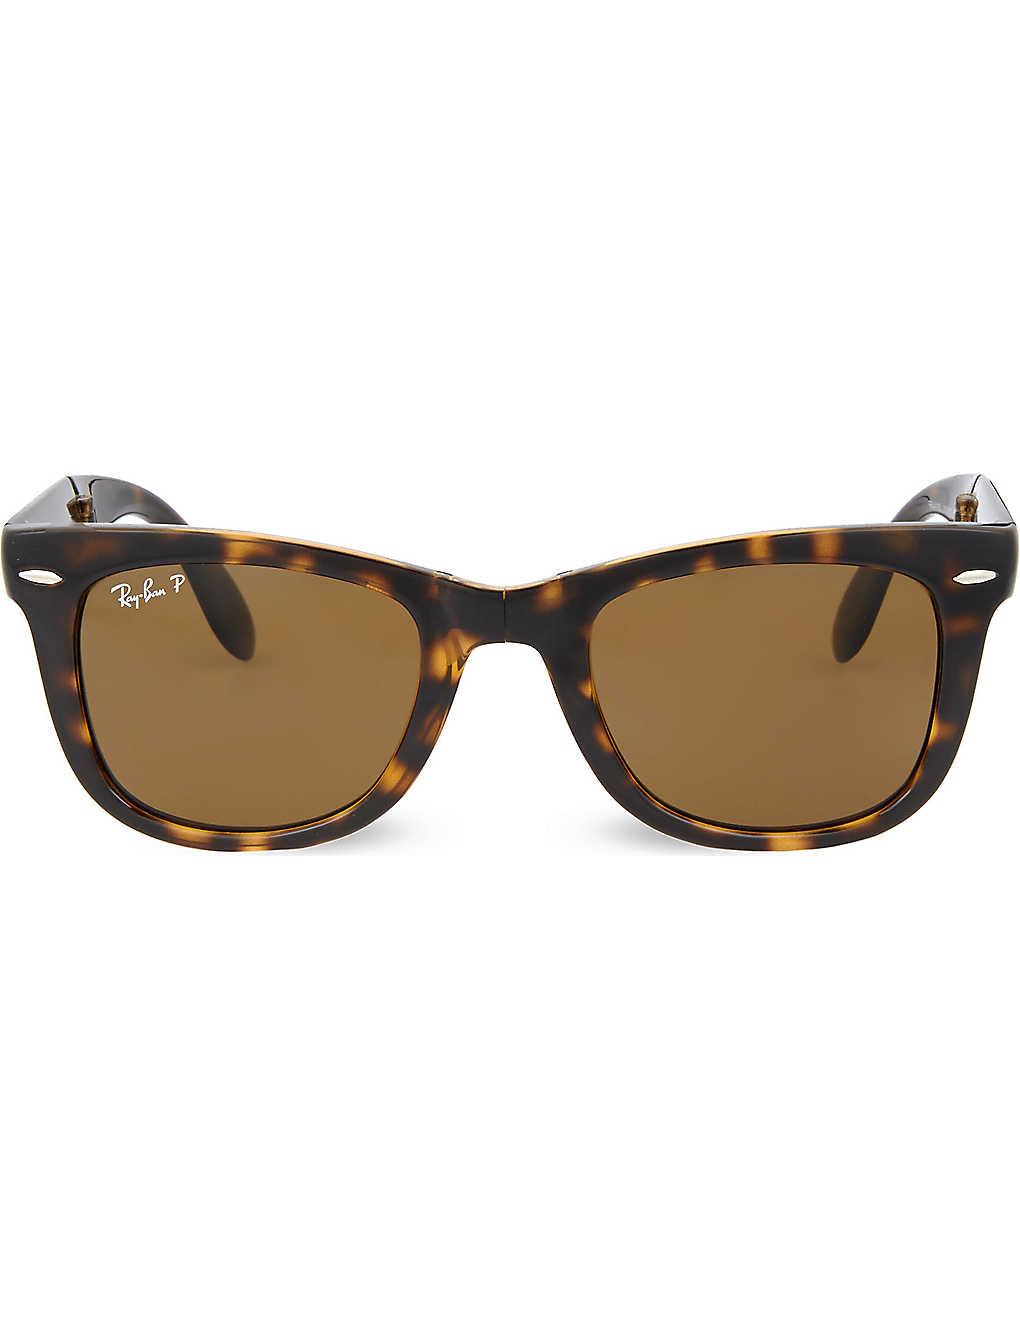 18d77d5399 RAY-BAN Light Havana folding tortoiseshell wayfarer sunglasses with brown  polarised lenses RB4105 50